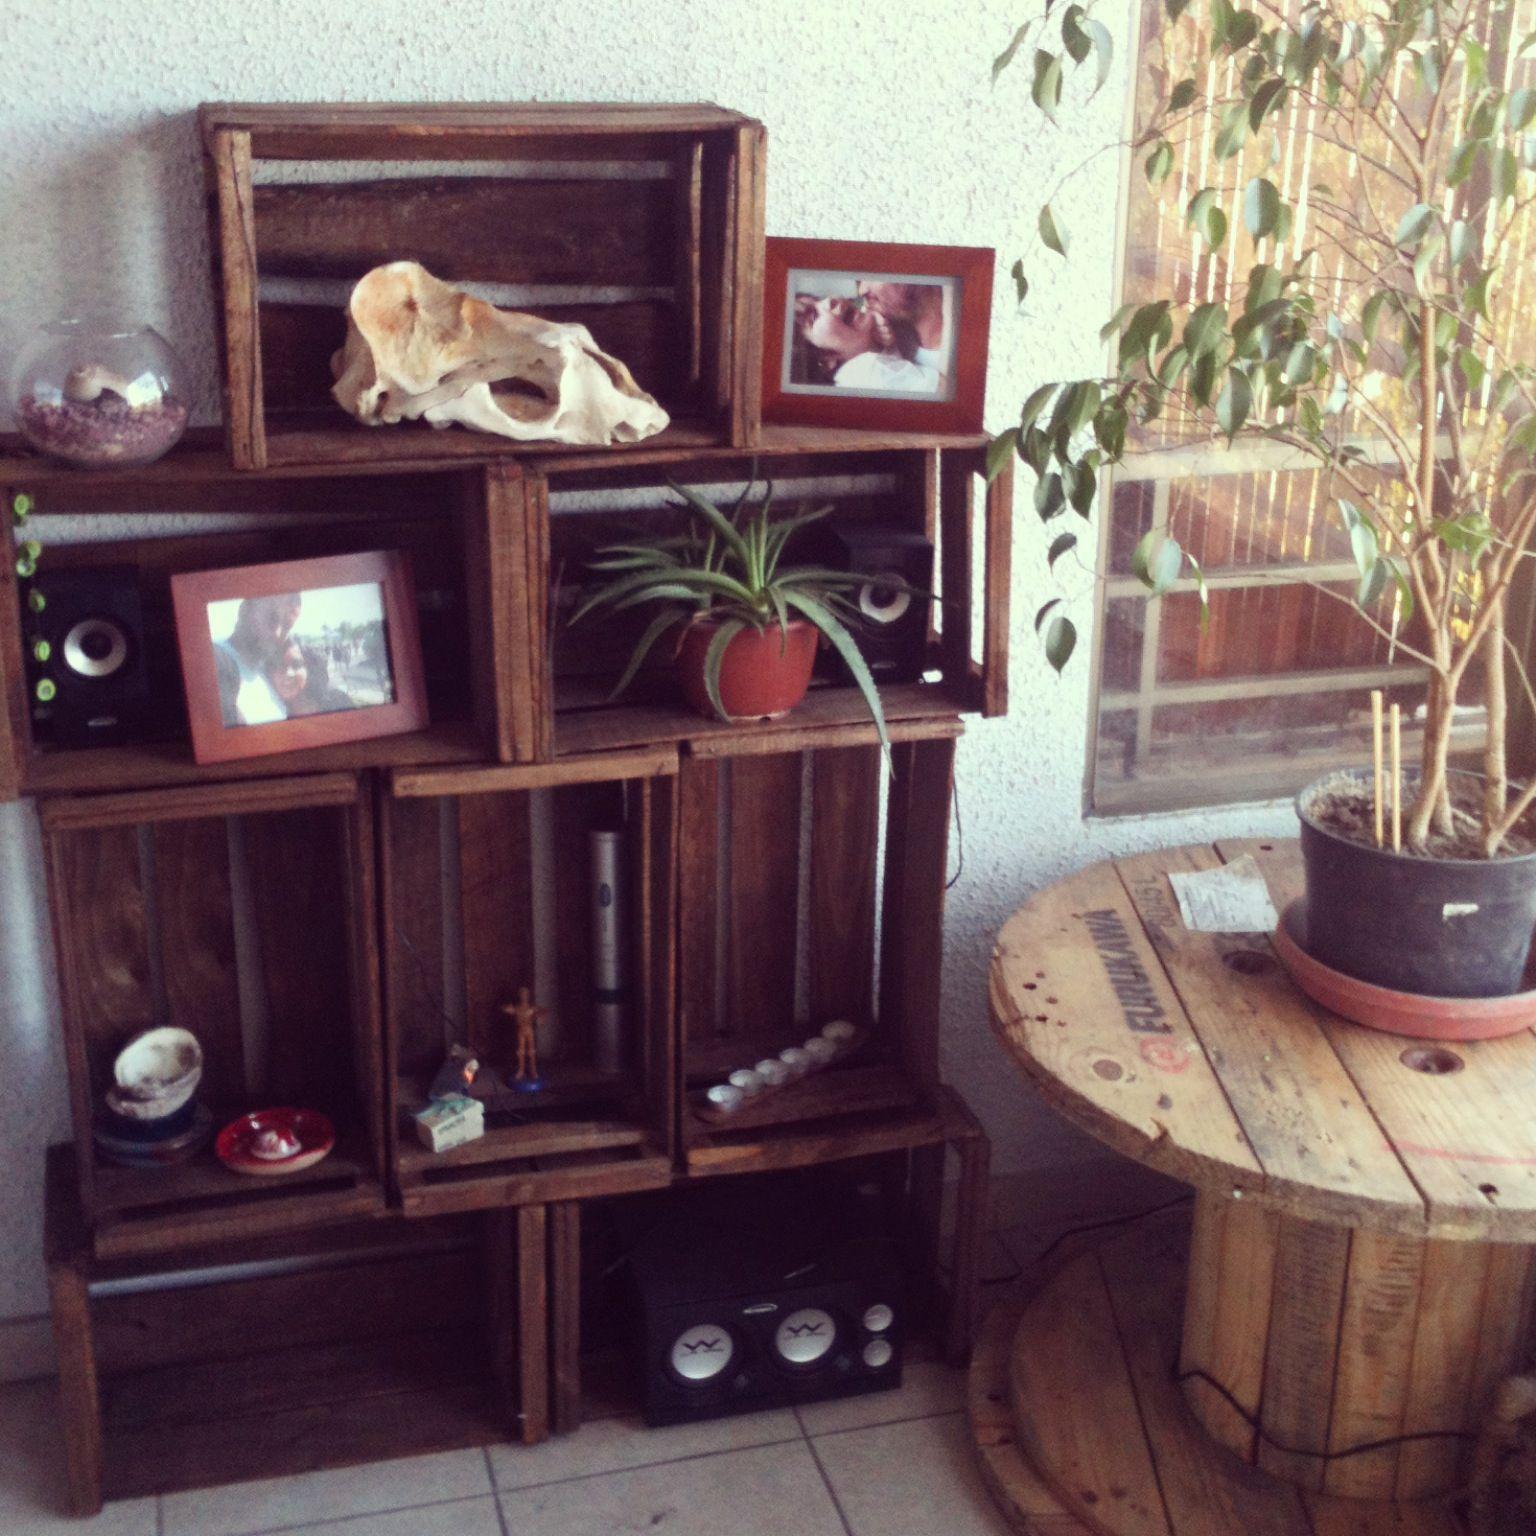 Modular hecho con cajas de verduras | palets y reciclaje | Pinterest ...